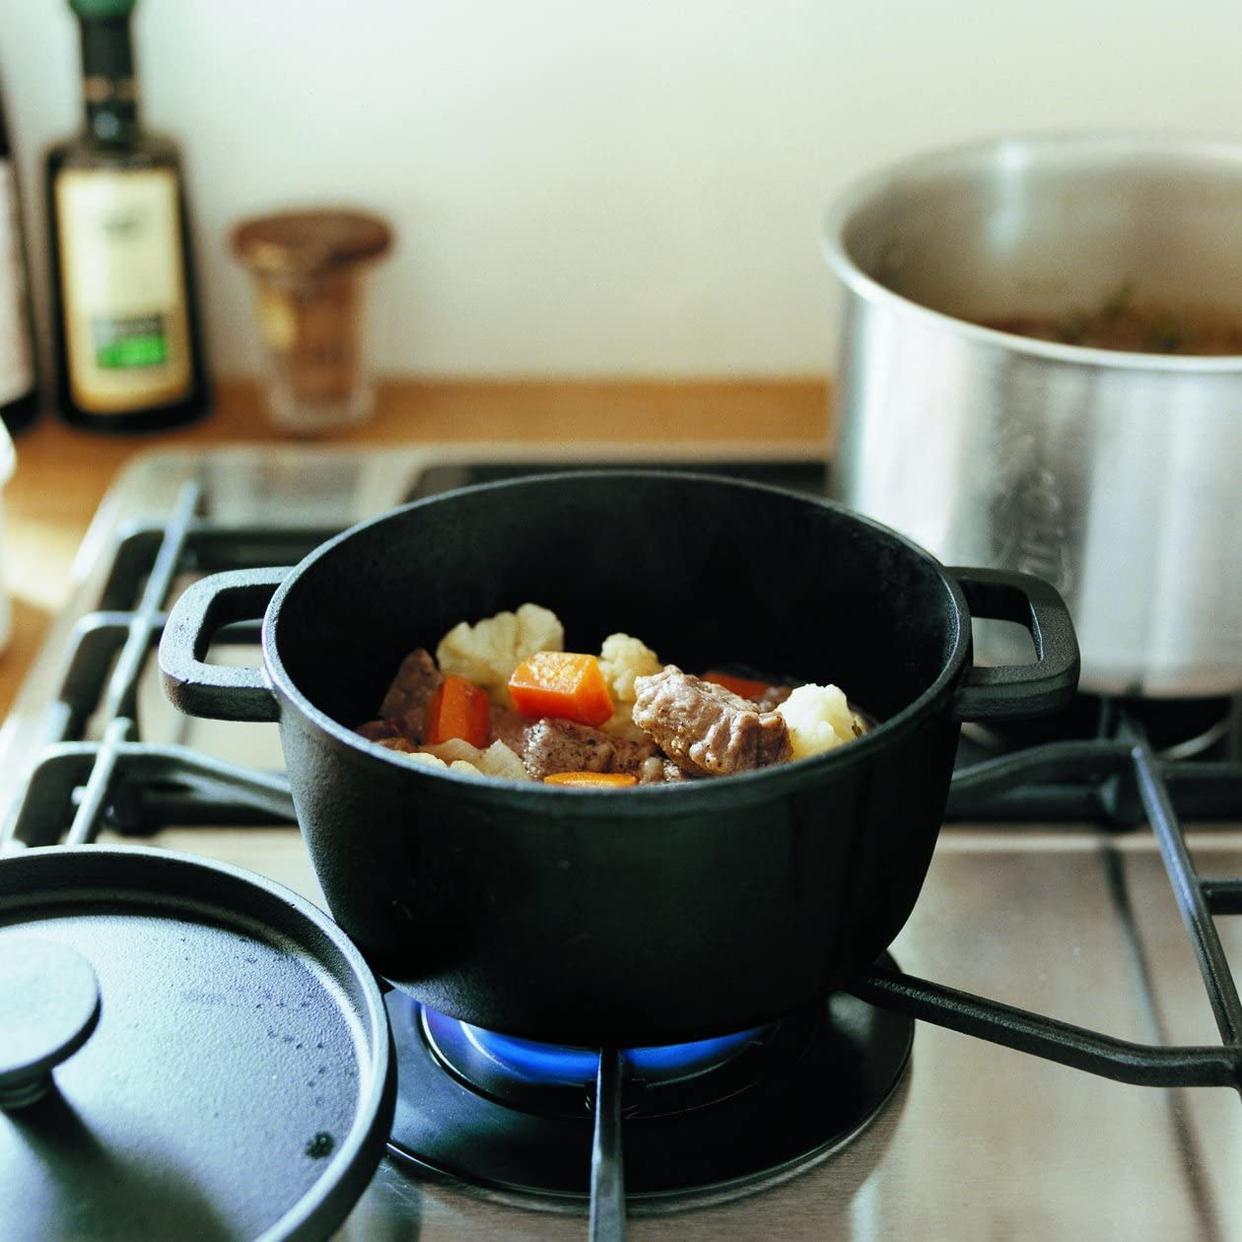 無印良品(MUJI) ダッチオーブンの商品画像2